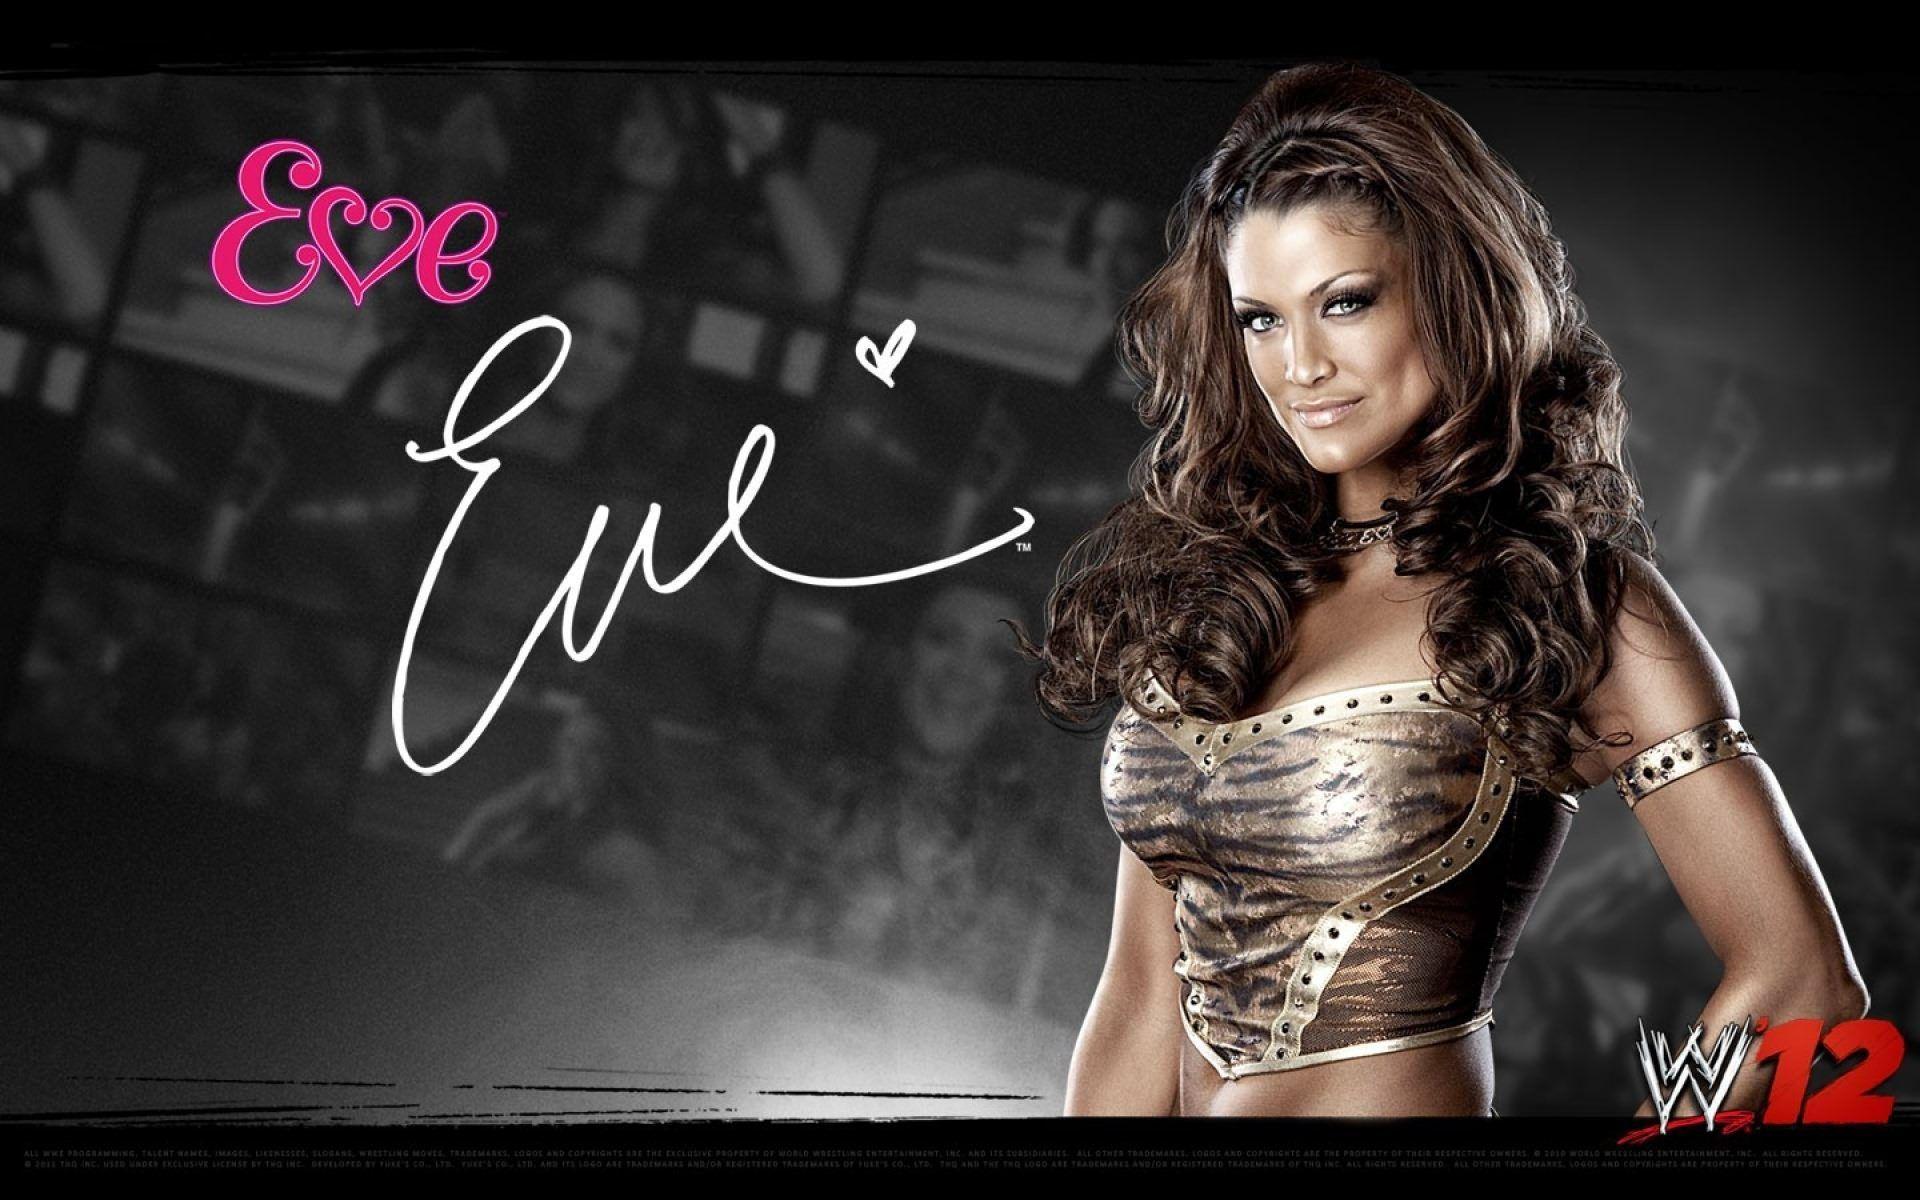 Wwe Divas Hd Wallpaper 22 Exclusive Free Wwe Divas Hd Hd Backgrounds For Ios Wwe Divas Wwe Wrestling Divas